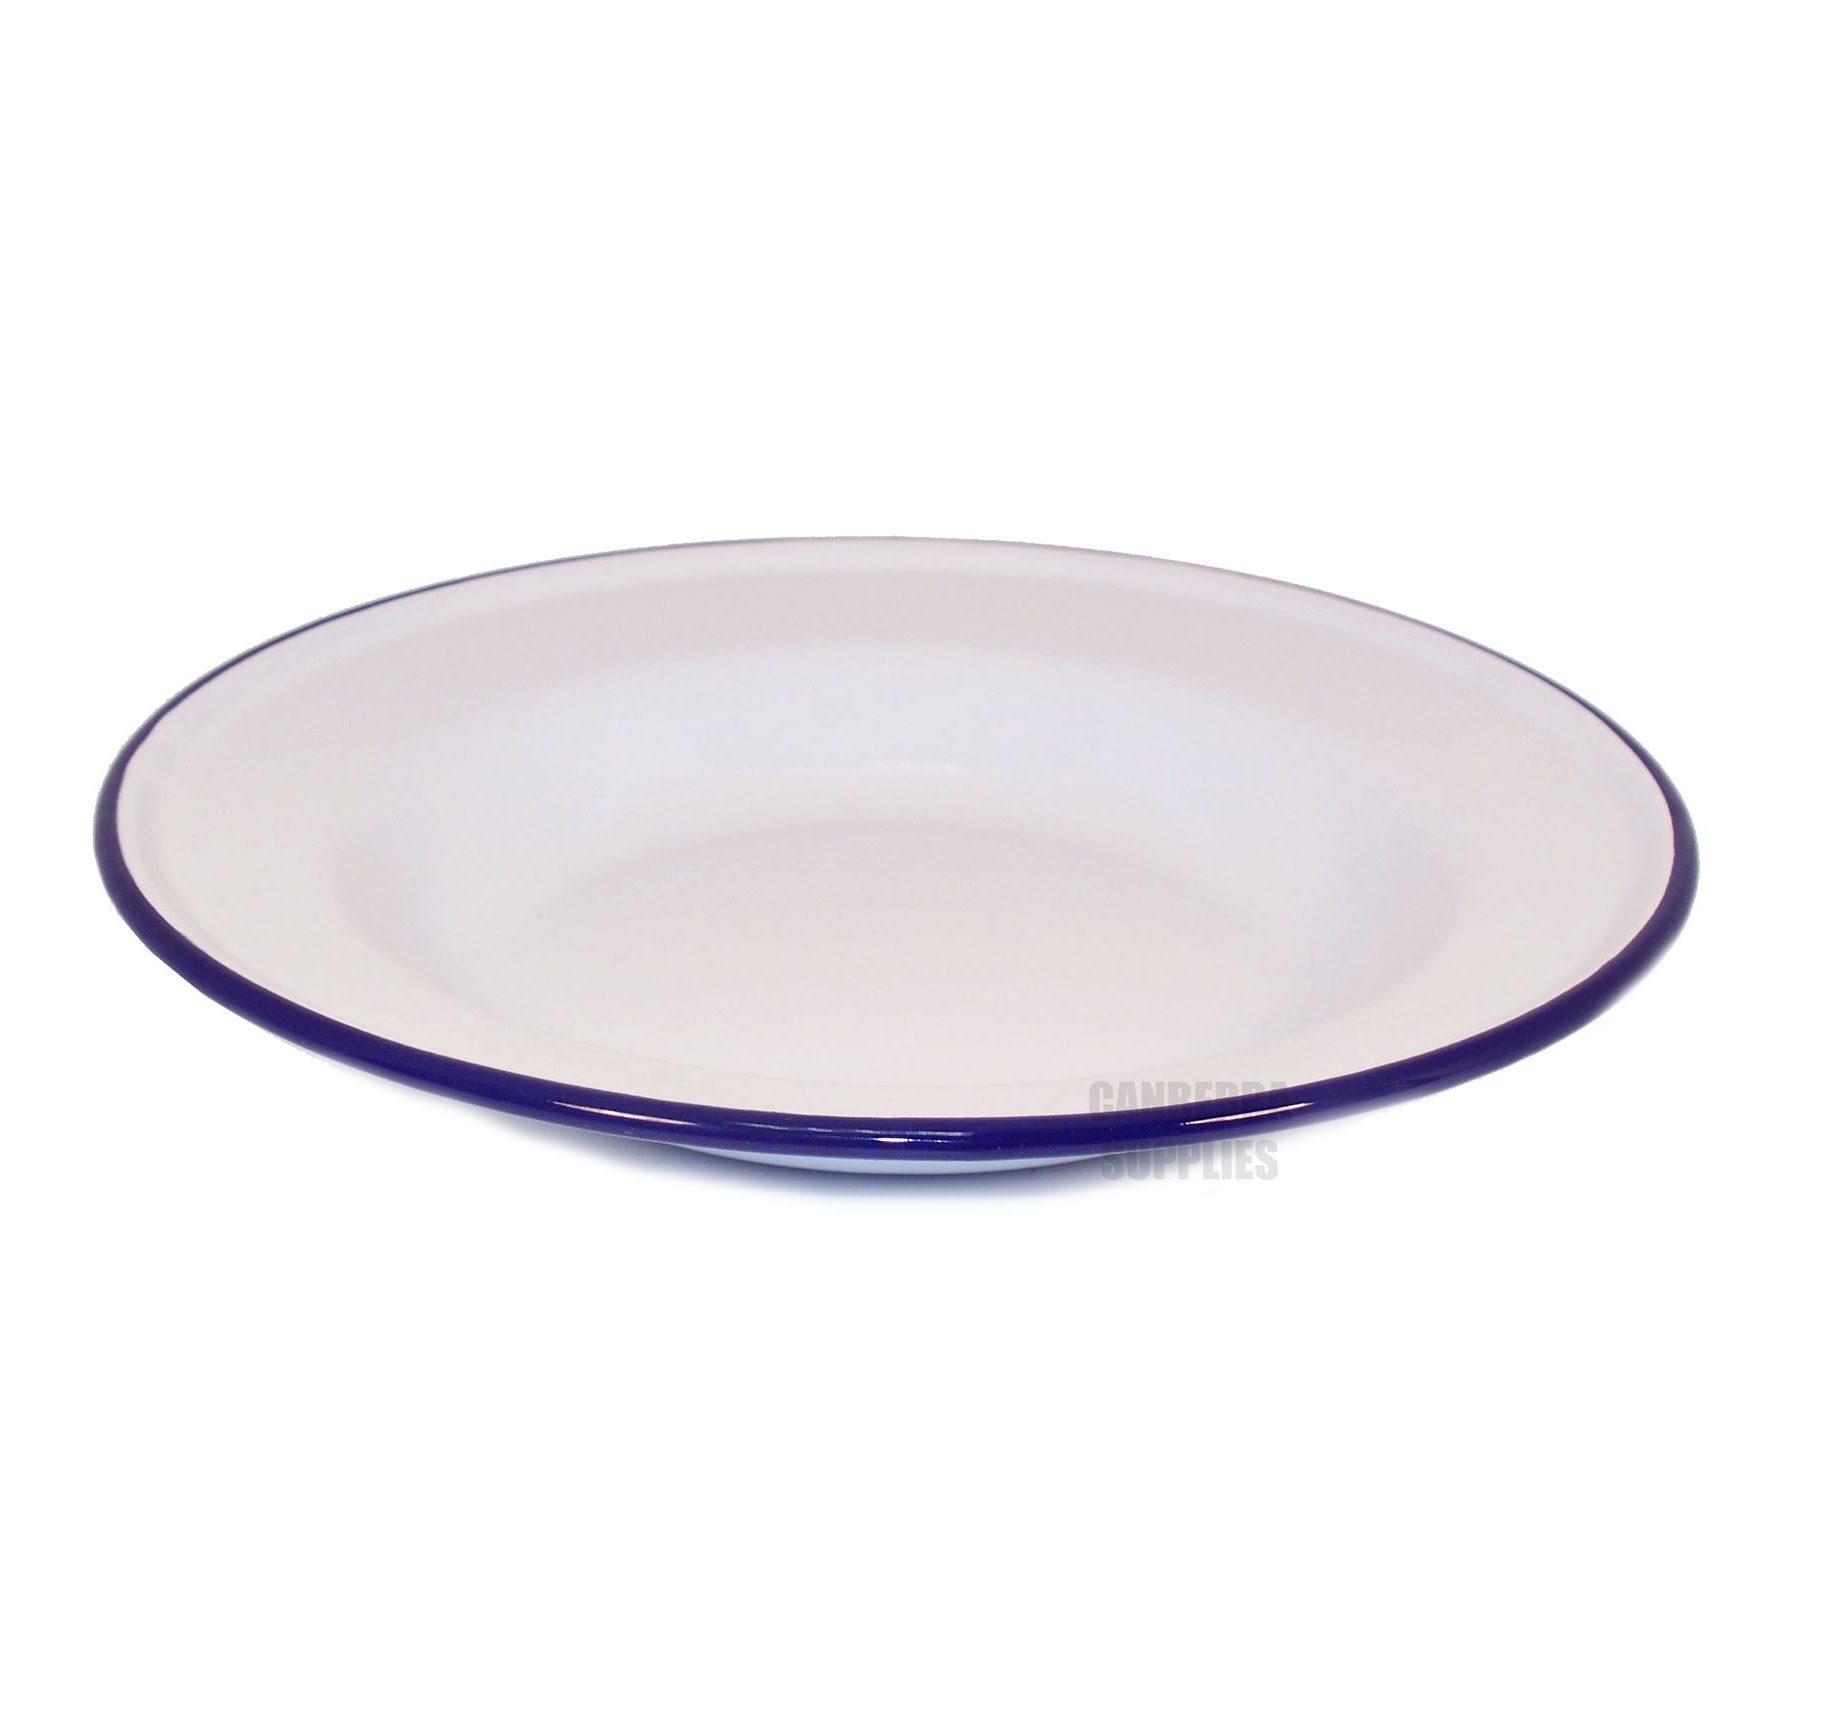 Falcon 24cm soup plate